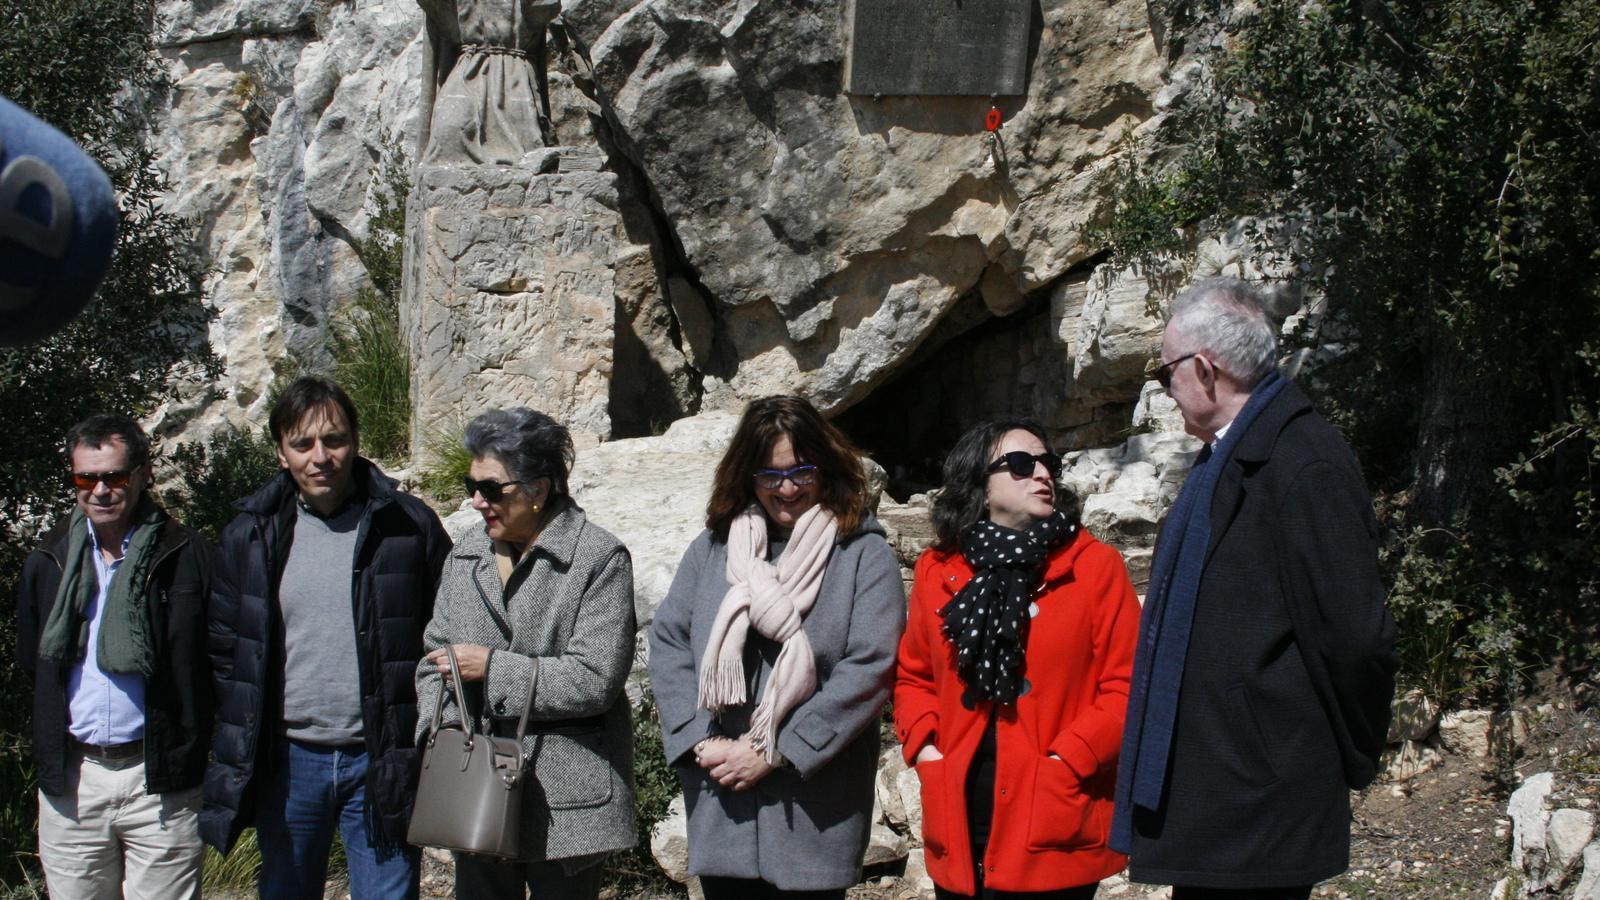 El tècnic de Patrimoni Carles Morante, Francesc Miralles, Catalina Morell, Maria A. Mulet, Kika Coll i Jaume Puigserver, davant la cova de Ramon Llull.